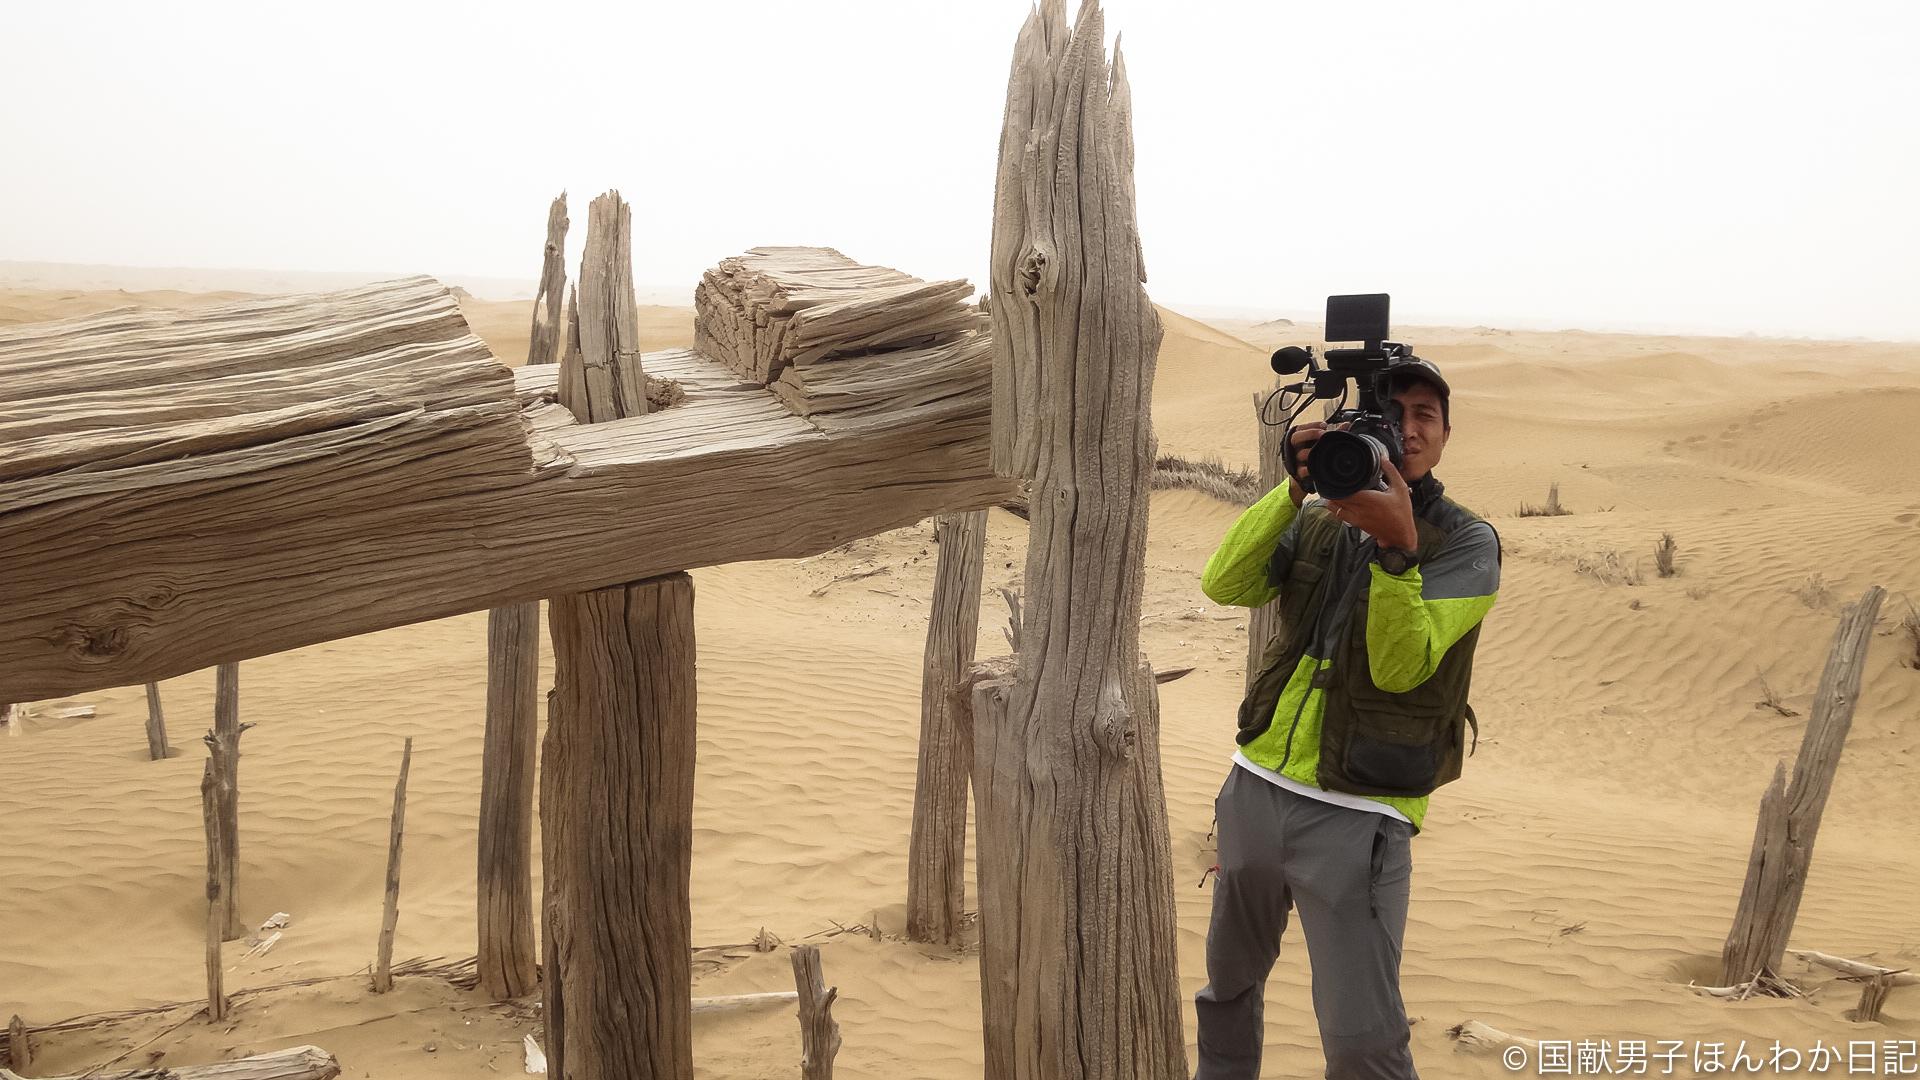 ニヤ遺跡92A11(スタインN8)を撮影する寧カメラマン(撮影:筆者)